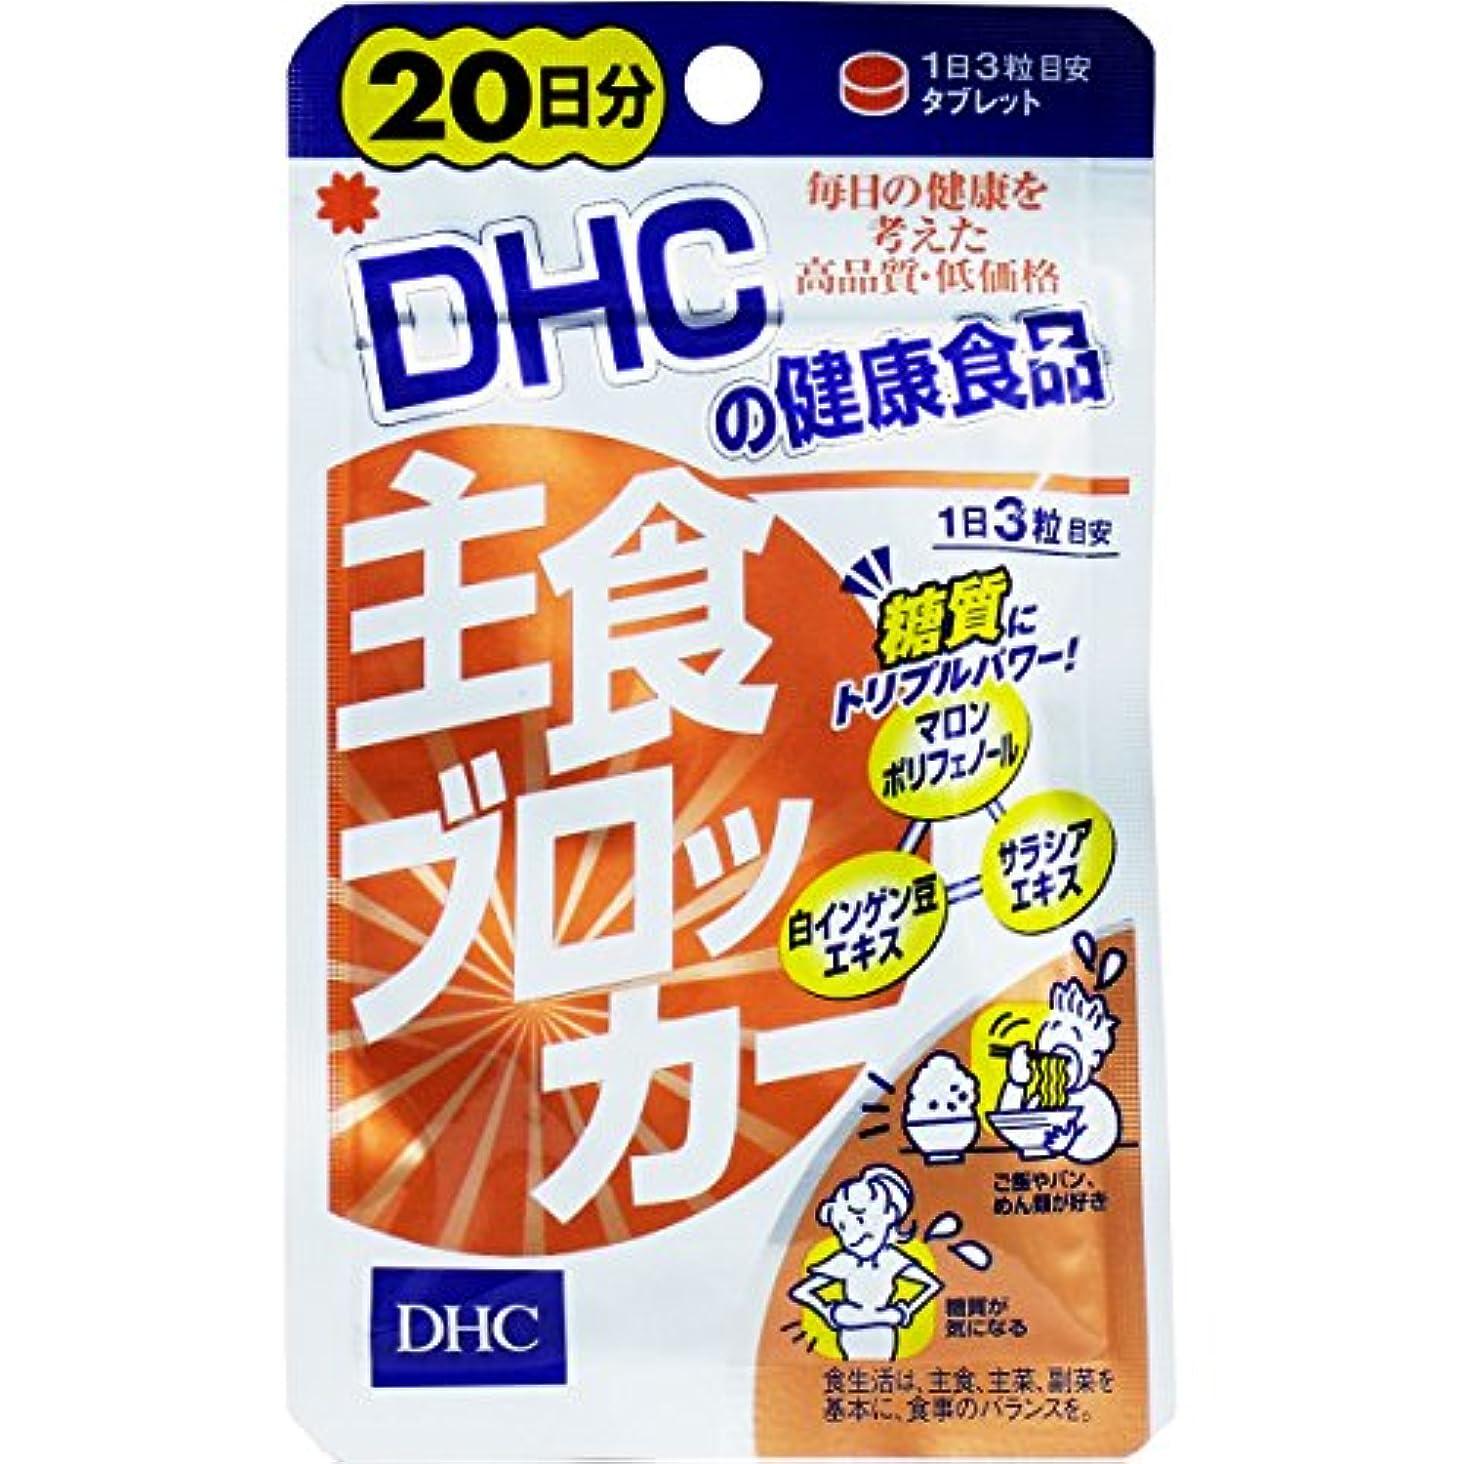 放散する折る確かにサプリ 主食好きさんの、健康とダイエットに 話題の DHC 主食ブロッカー 20日分 60粒入